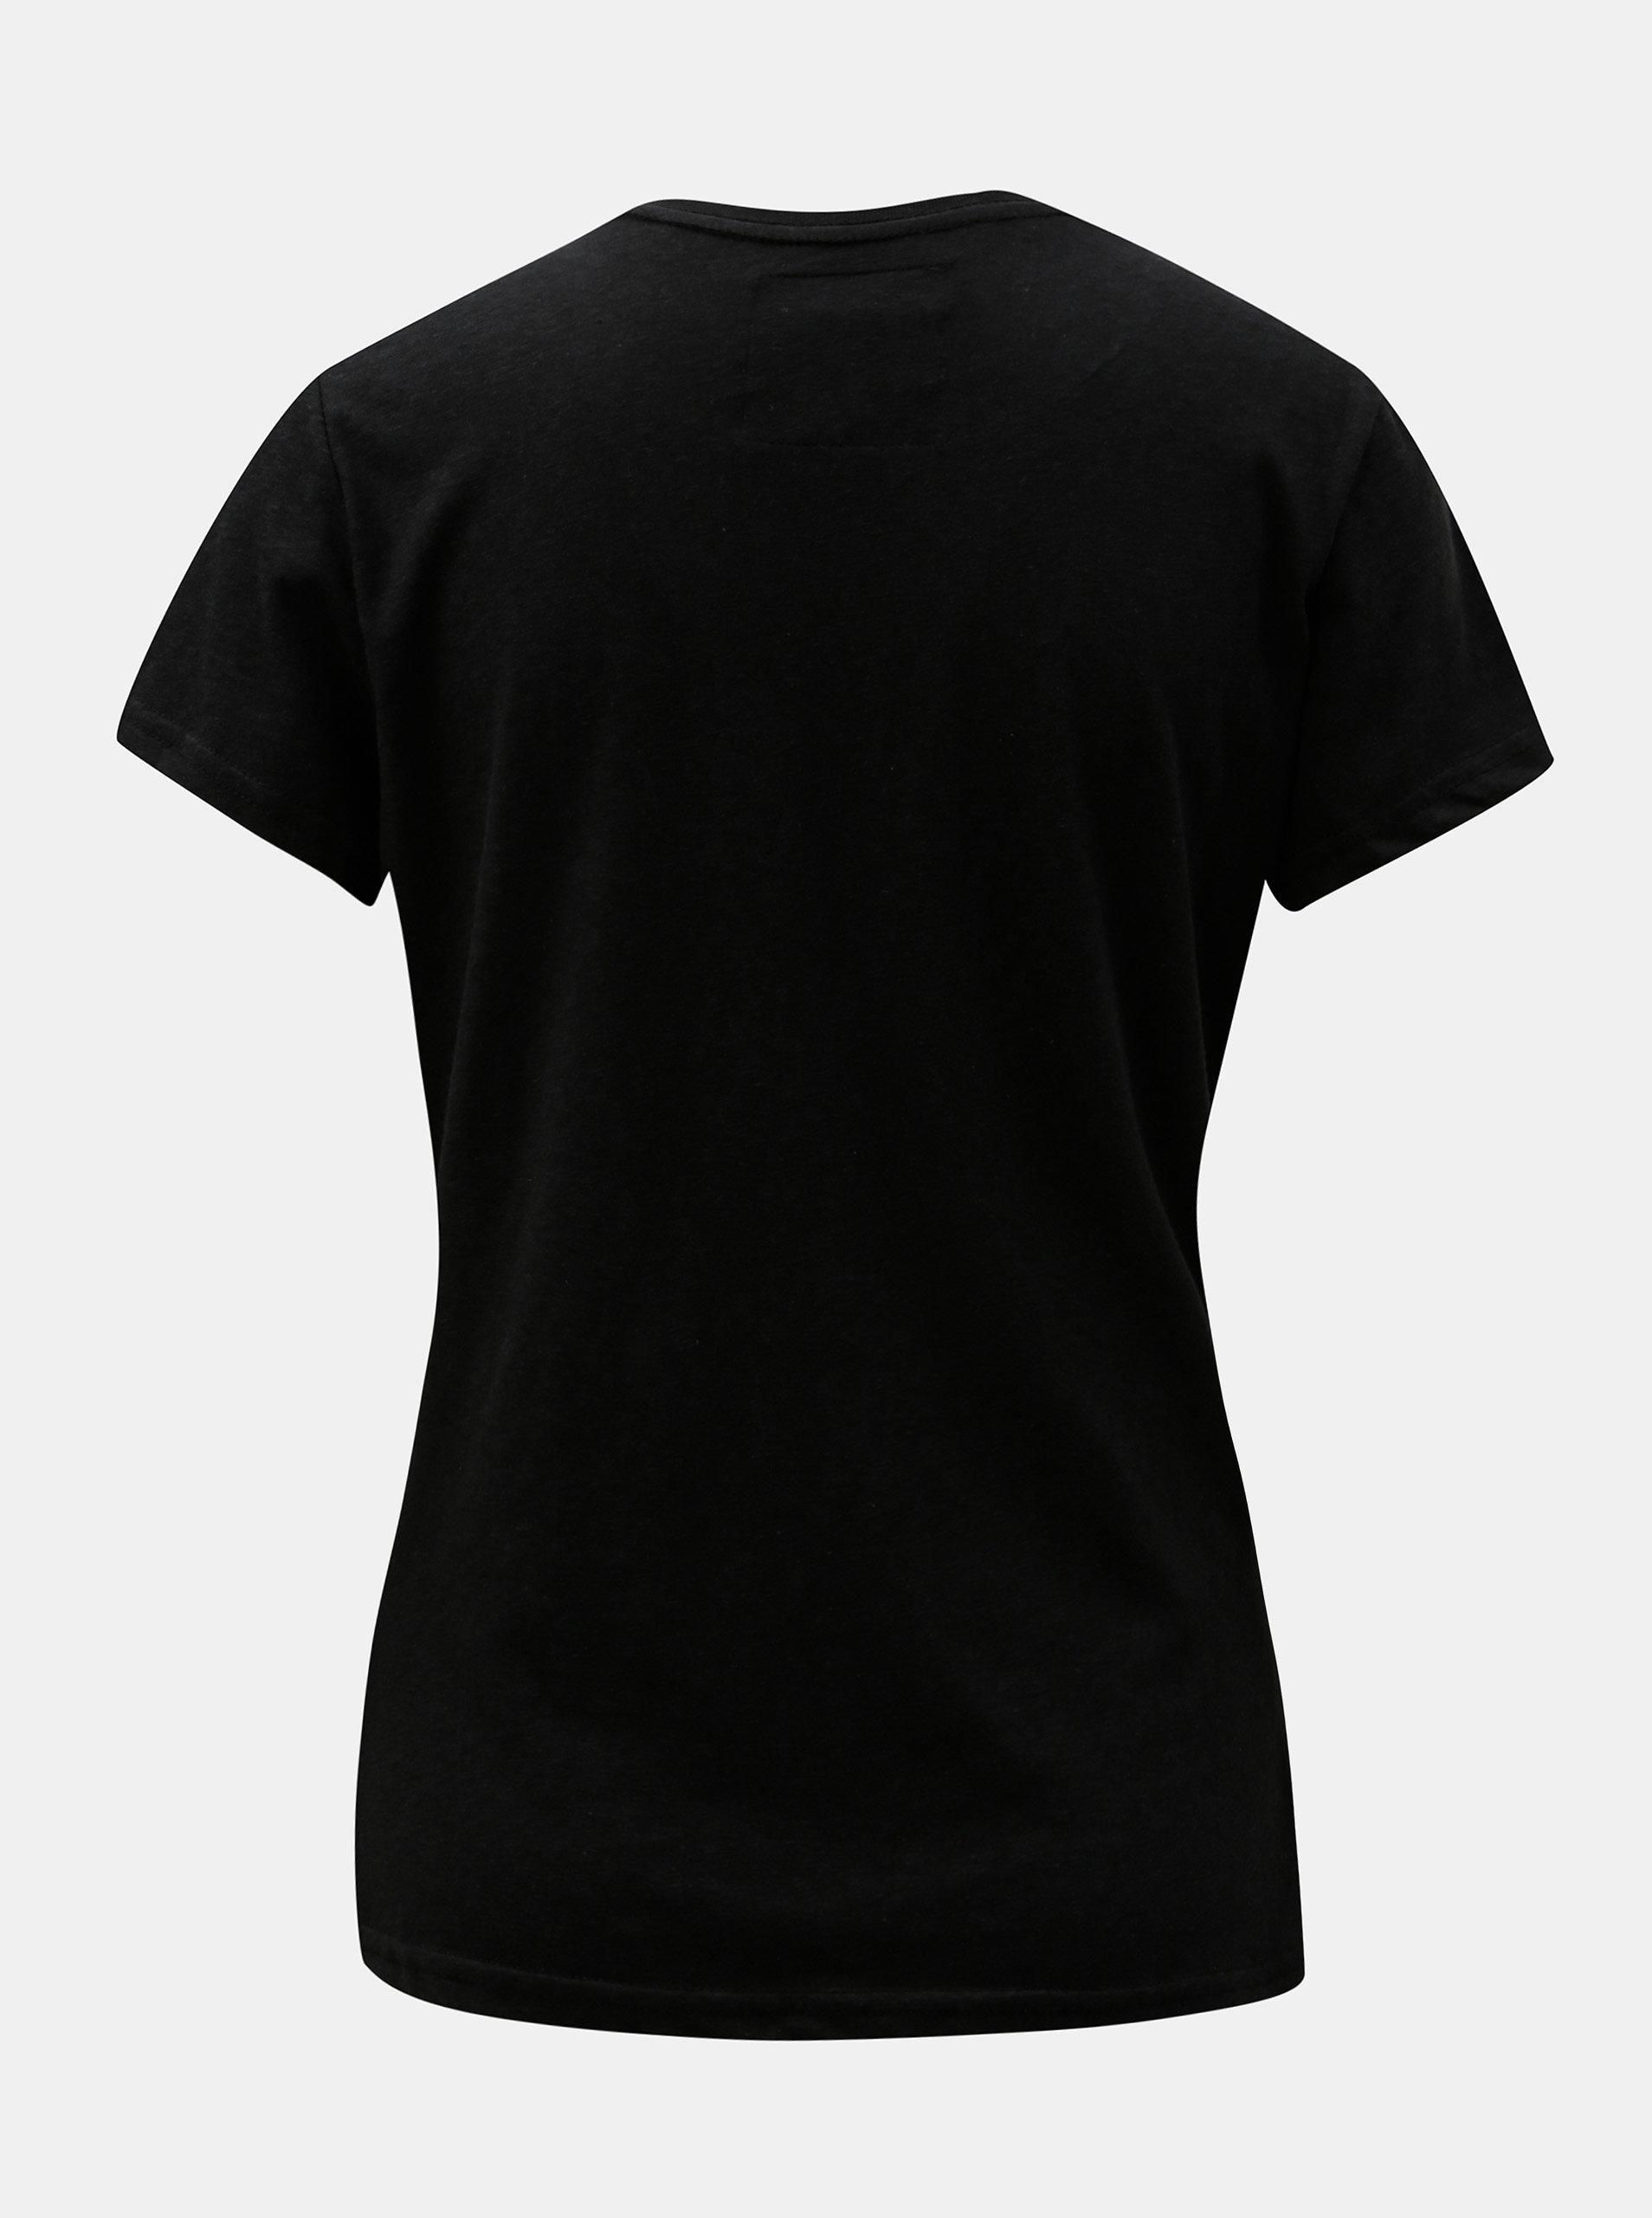 937a5e3f74bc Čierne dámske tričko s potlačou Superdry ...